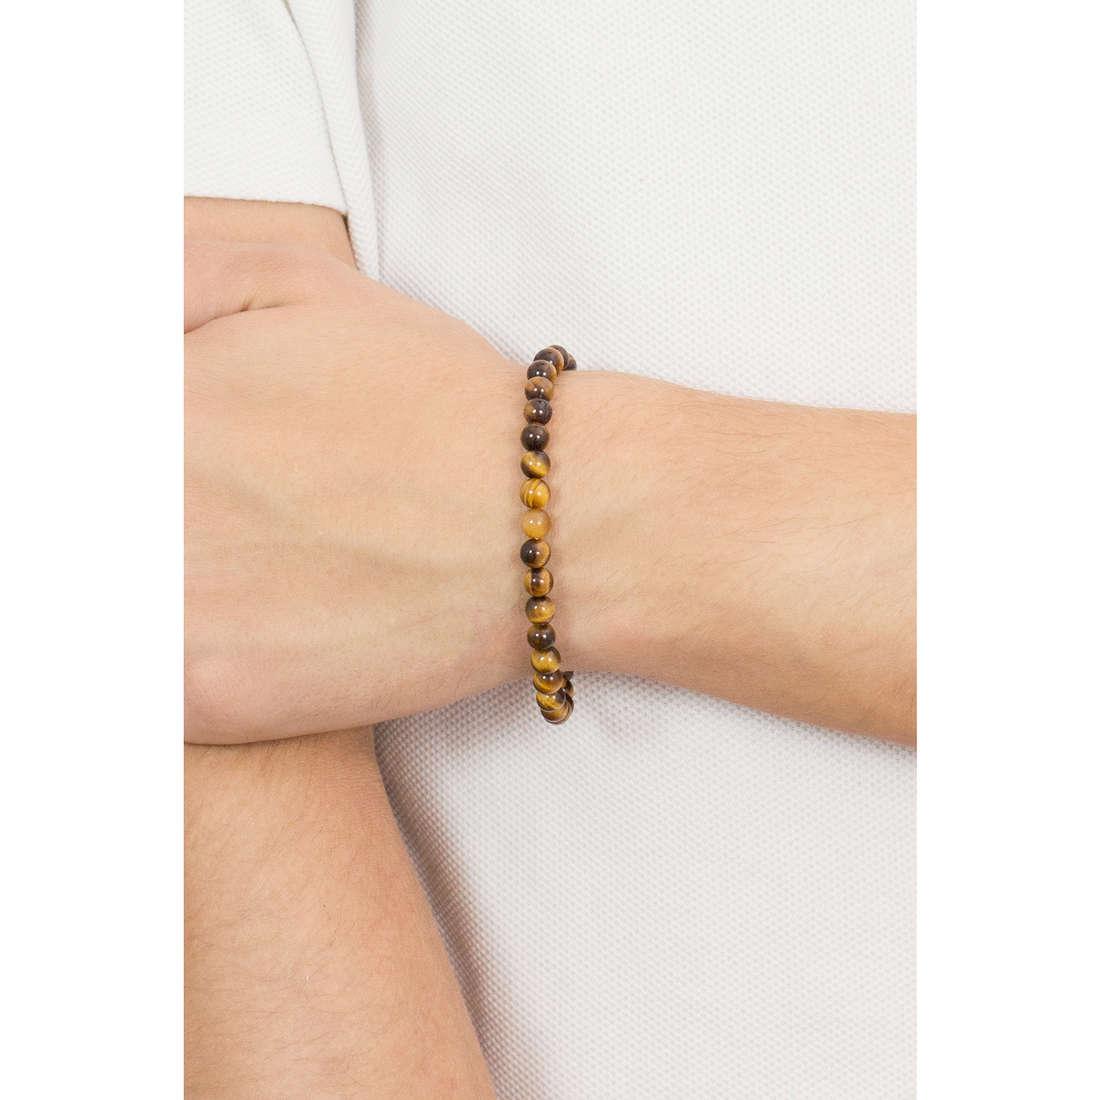 Comete bracelets Dandy man UBR 745 photo wearing